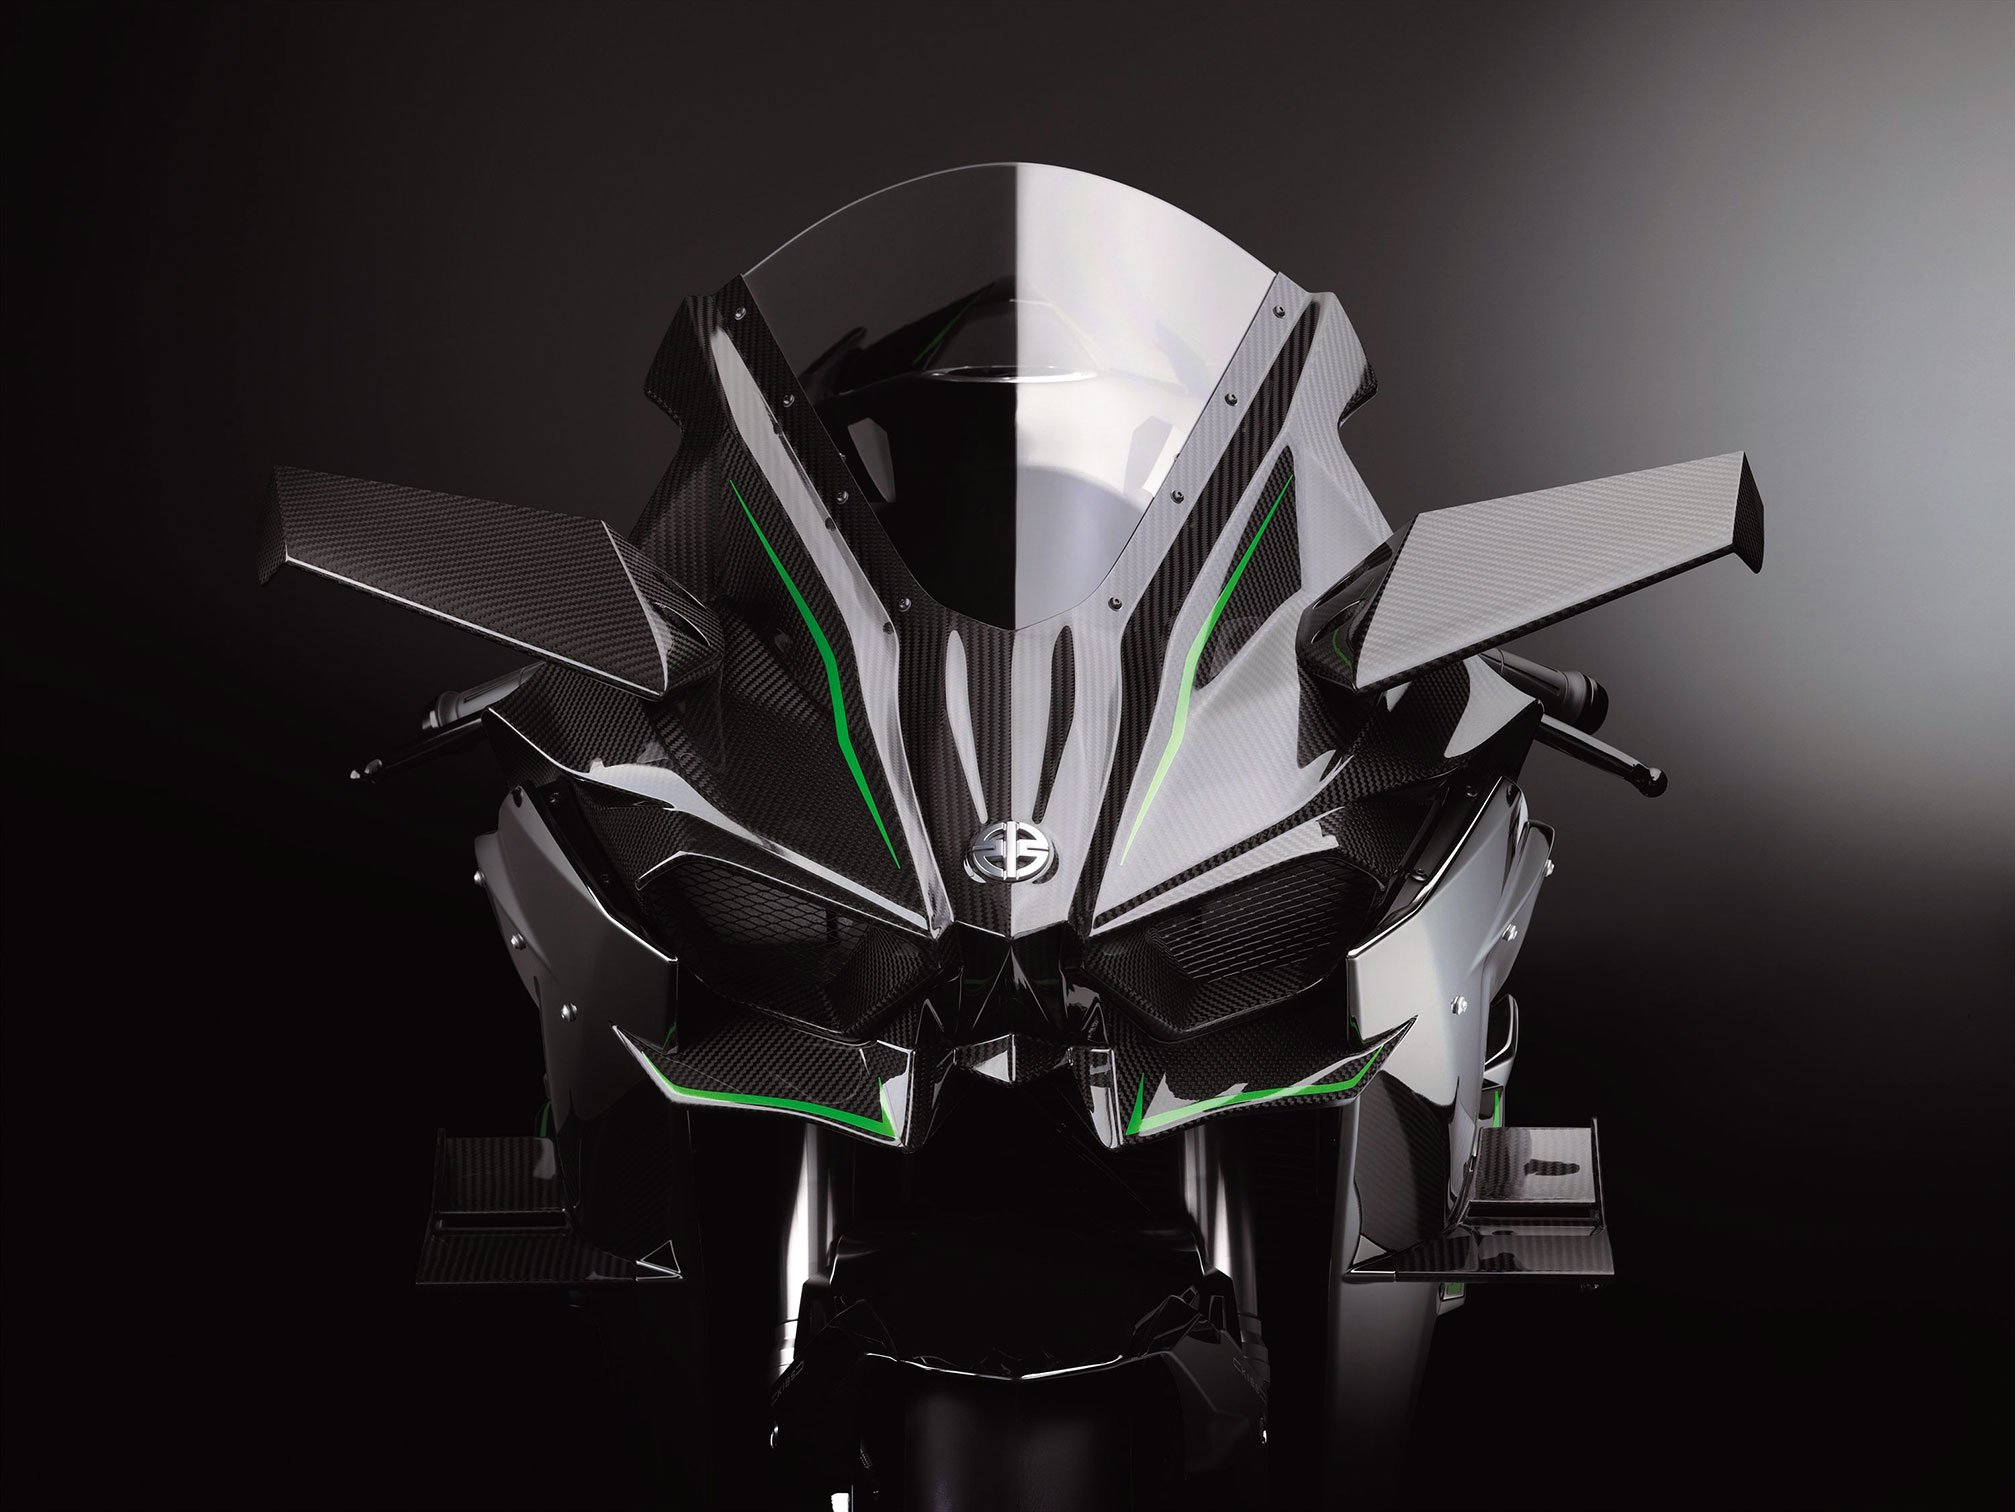 2015 Kawasaki Ninja H2R Supercharged Wallpaper